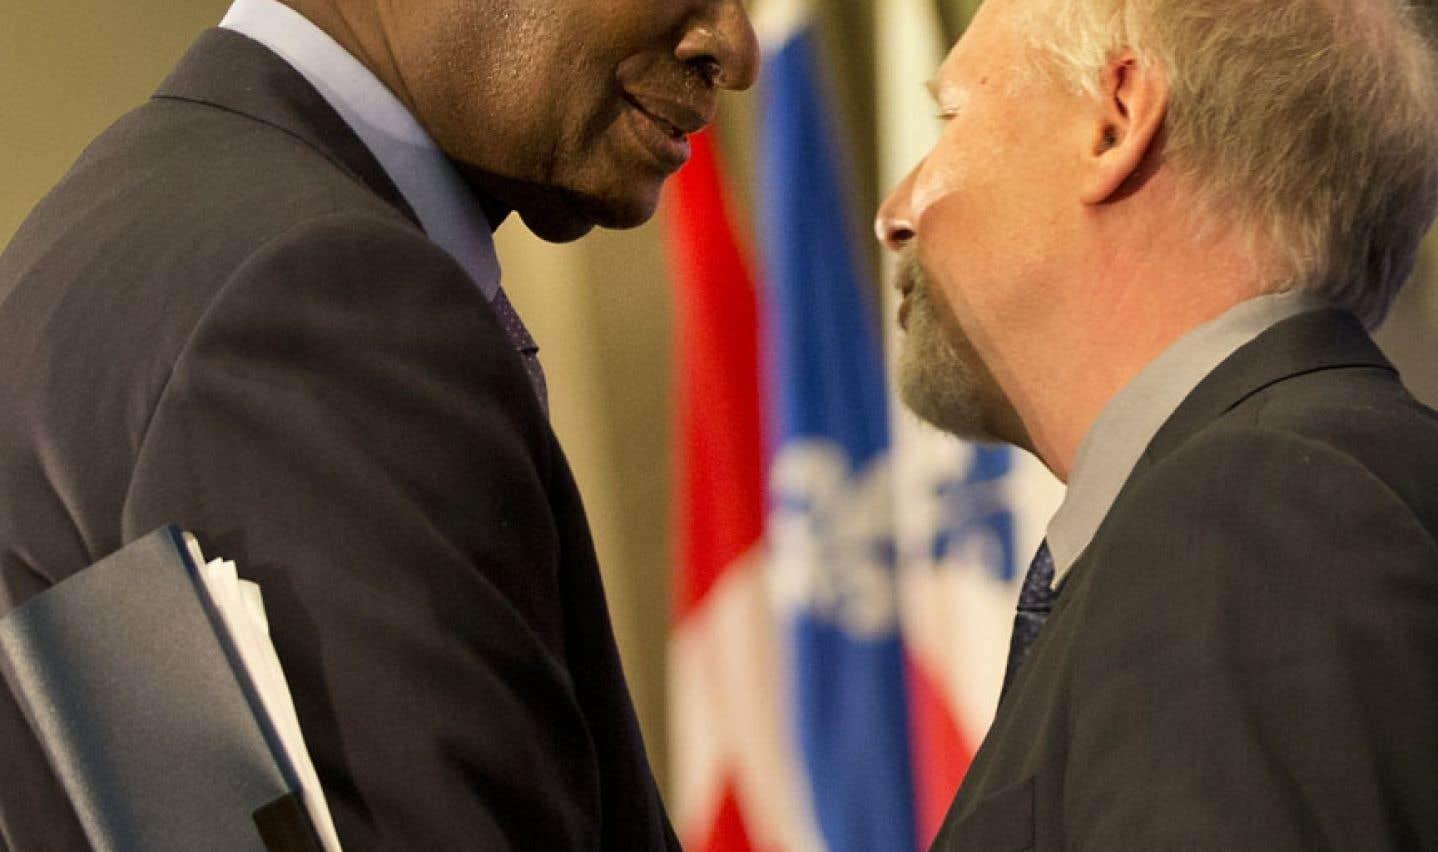 En septembre dernier, Adbou Diouf avait énoncé un plaidoyer en faveur de la diversité culturelle au sein de la Francophonie devant le Conseil des relations internationales de Montréal (CORIM). Le voici en compagnie du ministre québécois des Relations internationales, de la Francophonie et du Commerce extérieur, Jean-François Lisée.